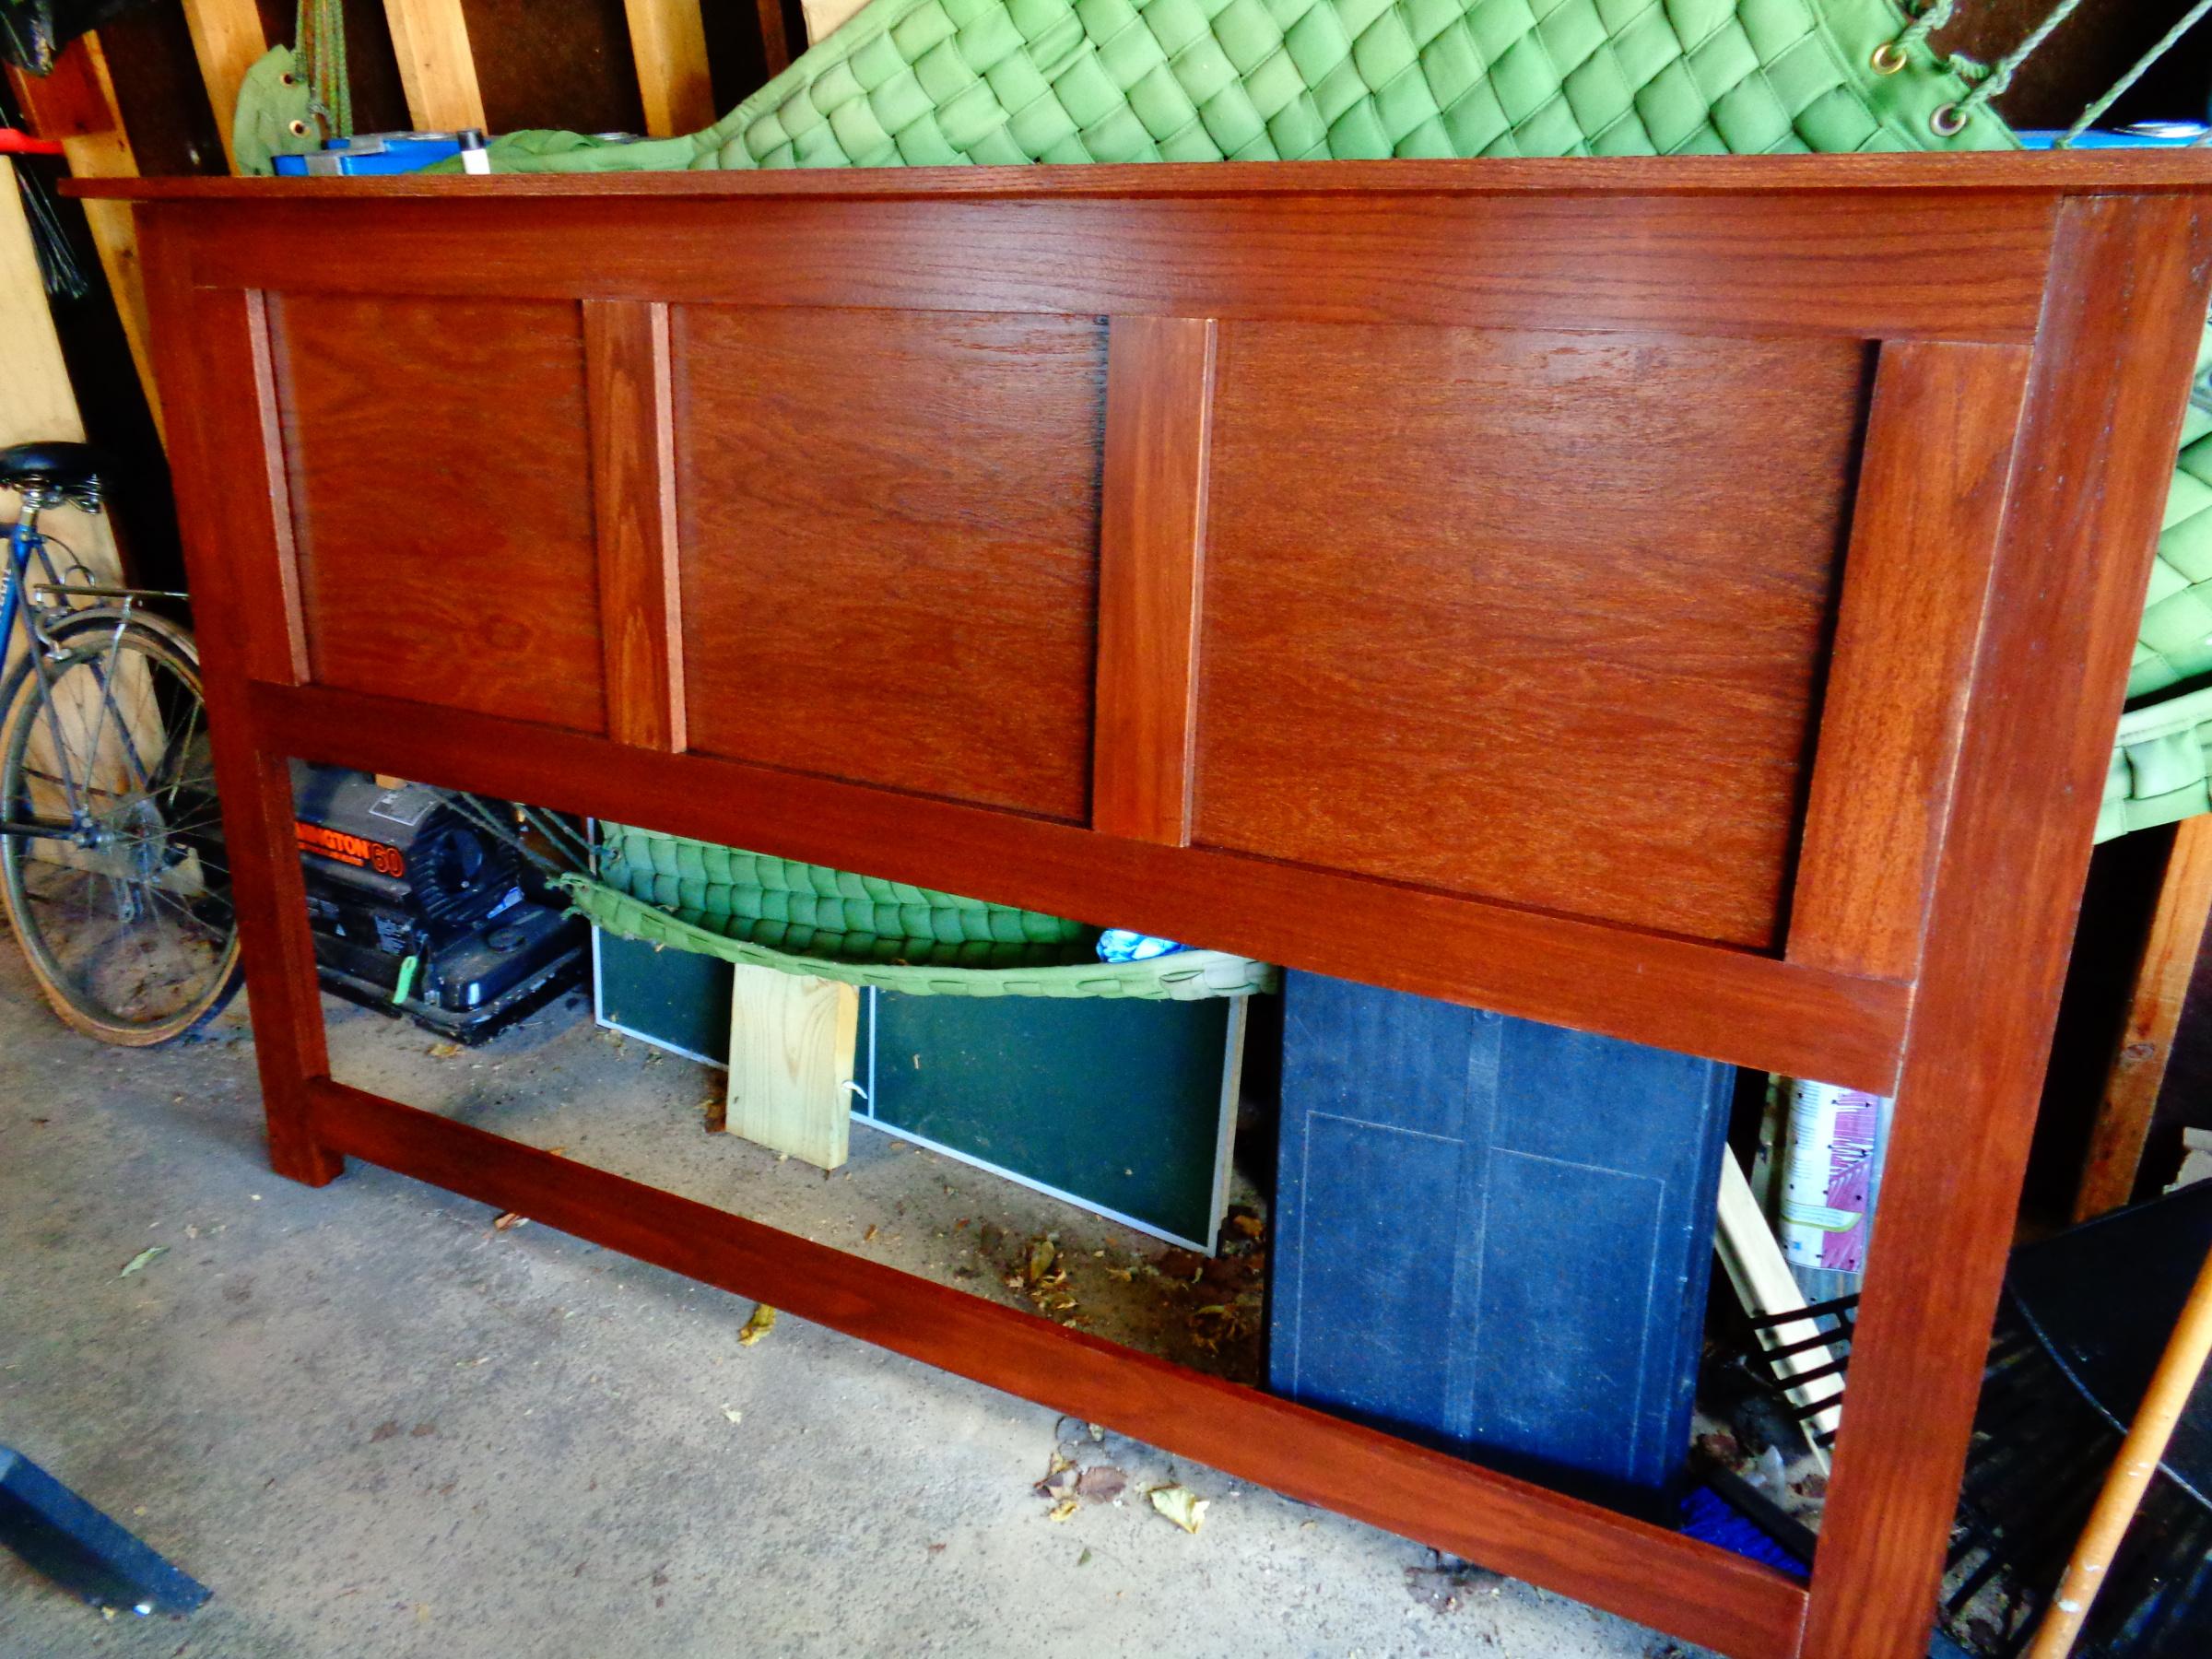 Oil or water based stain for cedar shelves?-dsc00581.jpg